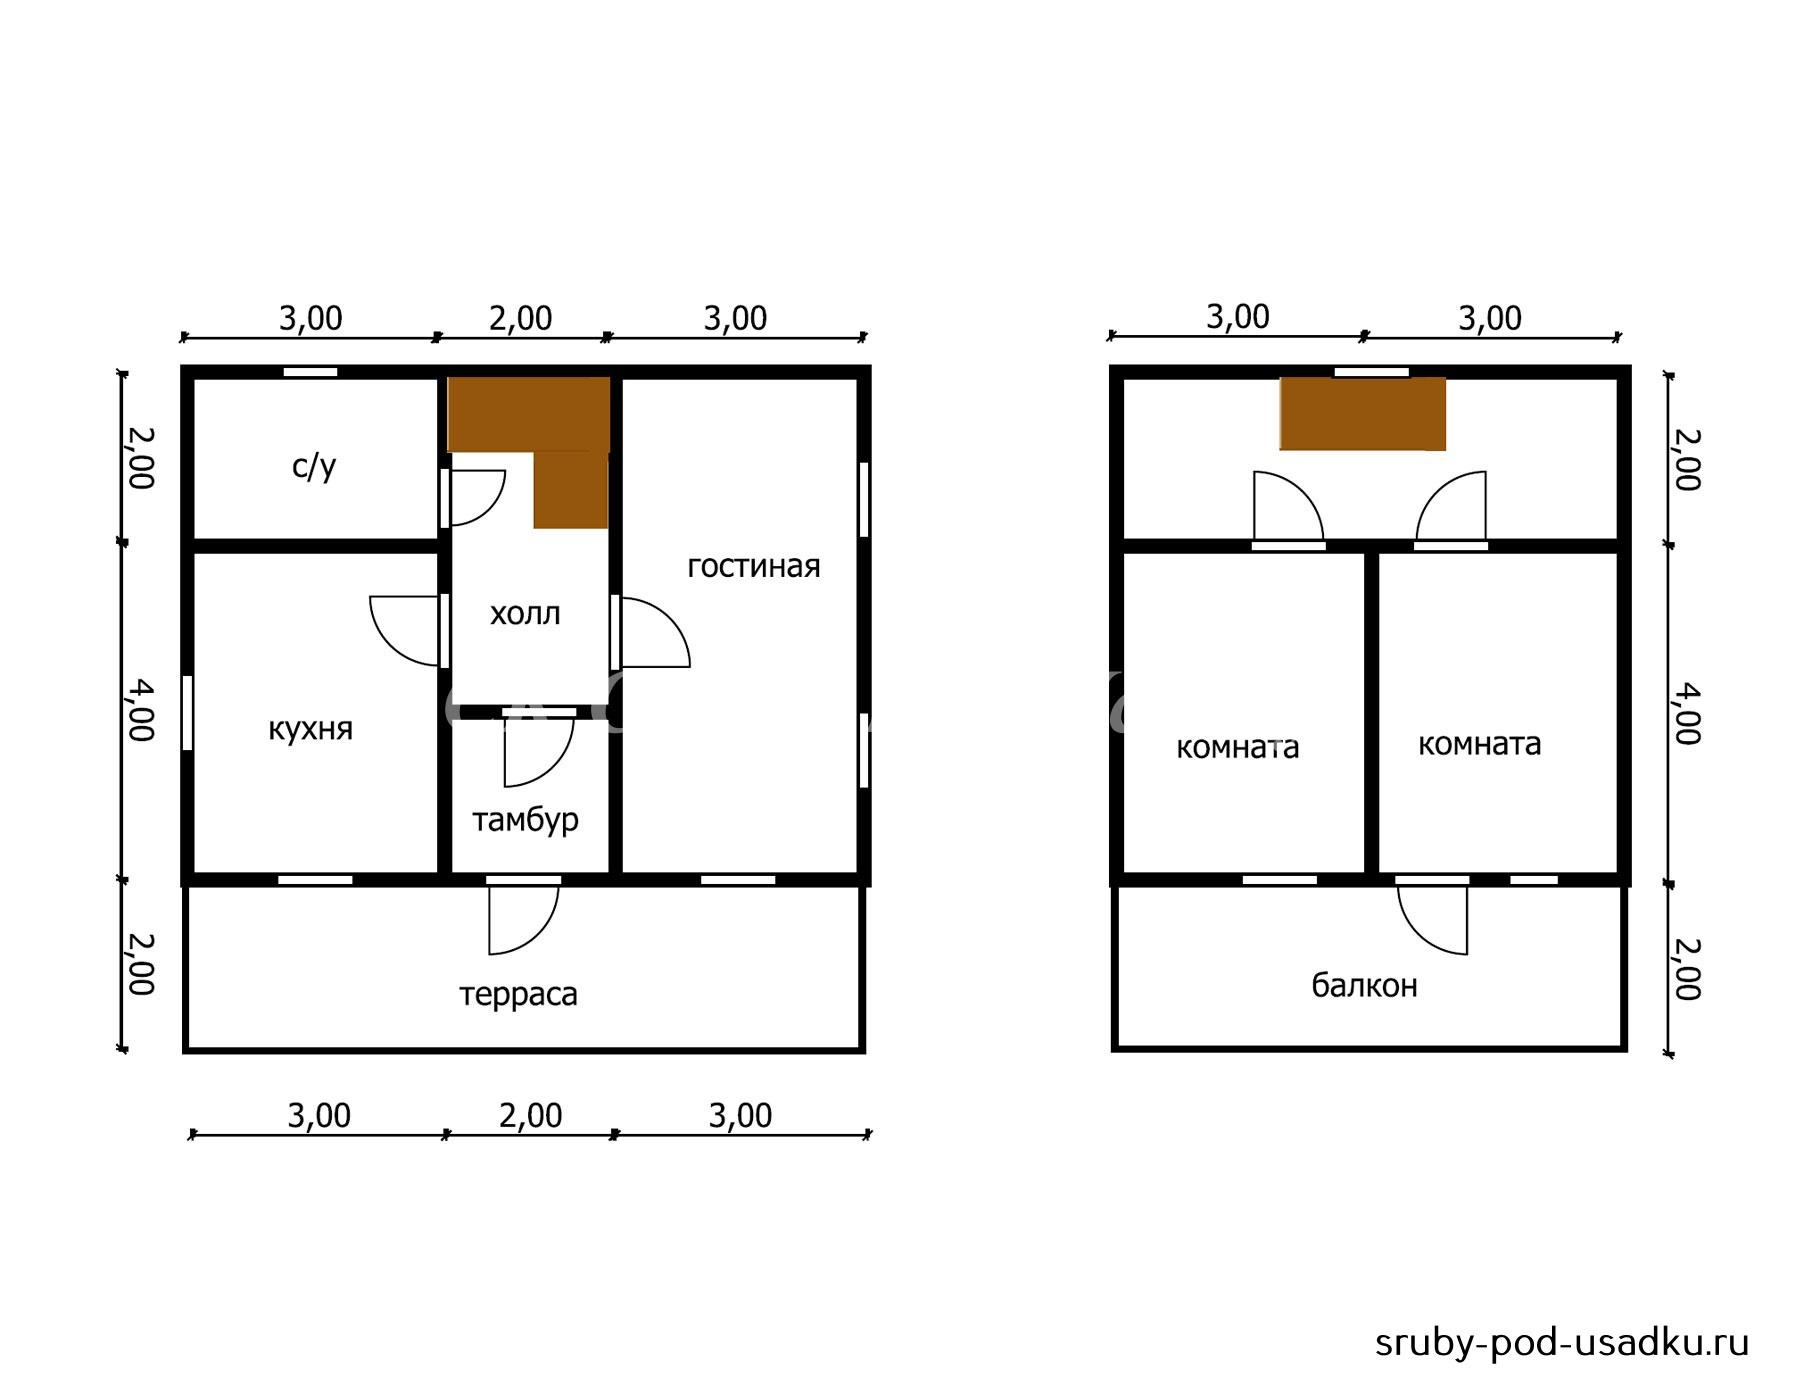 Дом из бруса под усадку 8х8 м №41